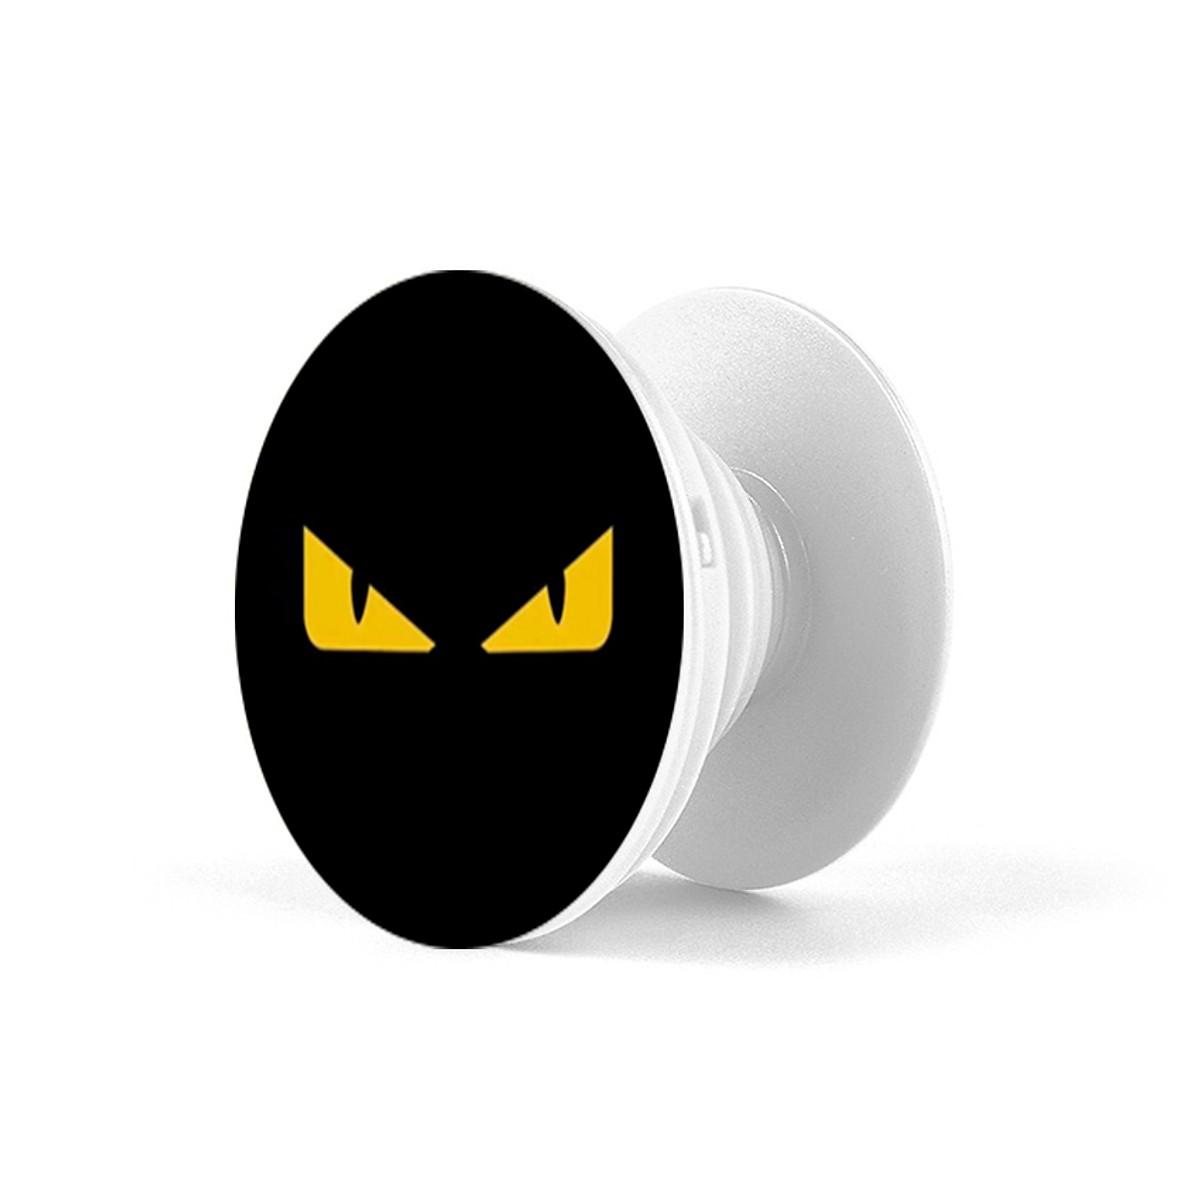 Popsocket - Giá đỡ điện thoại đa năng iCase Mắt Vàng - Hàng Chính Hãng